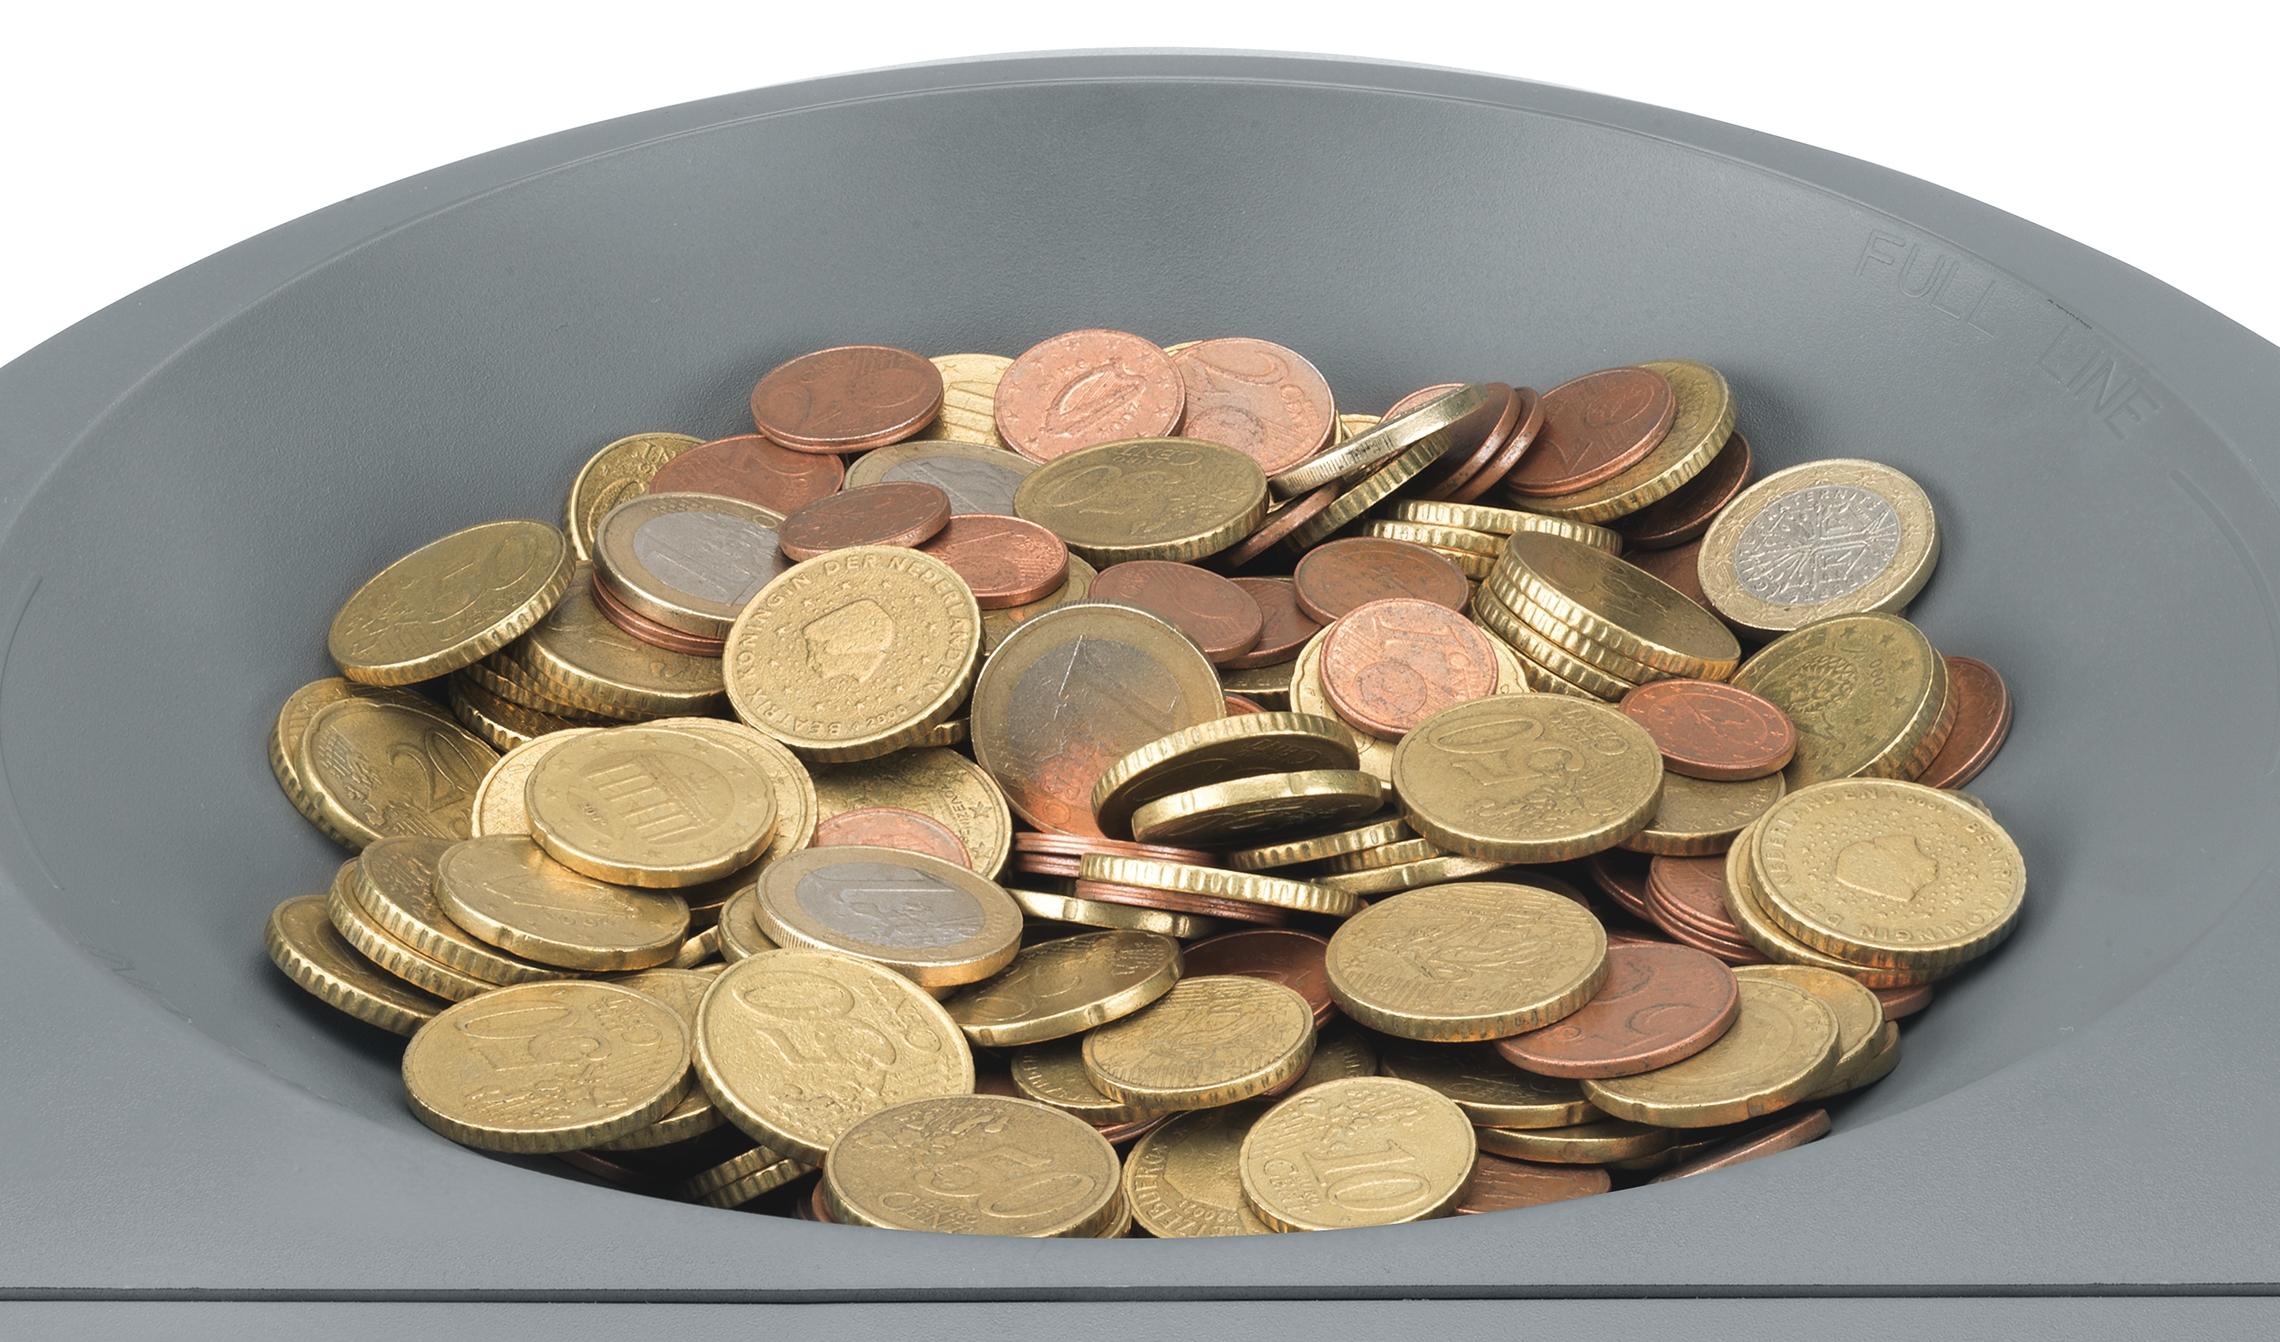 safescan-1450-eur-contador-de-monedas